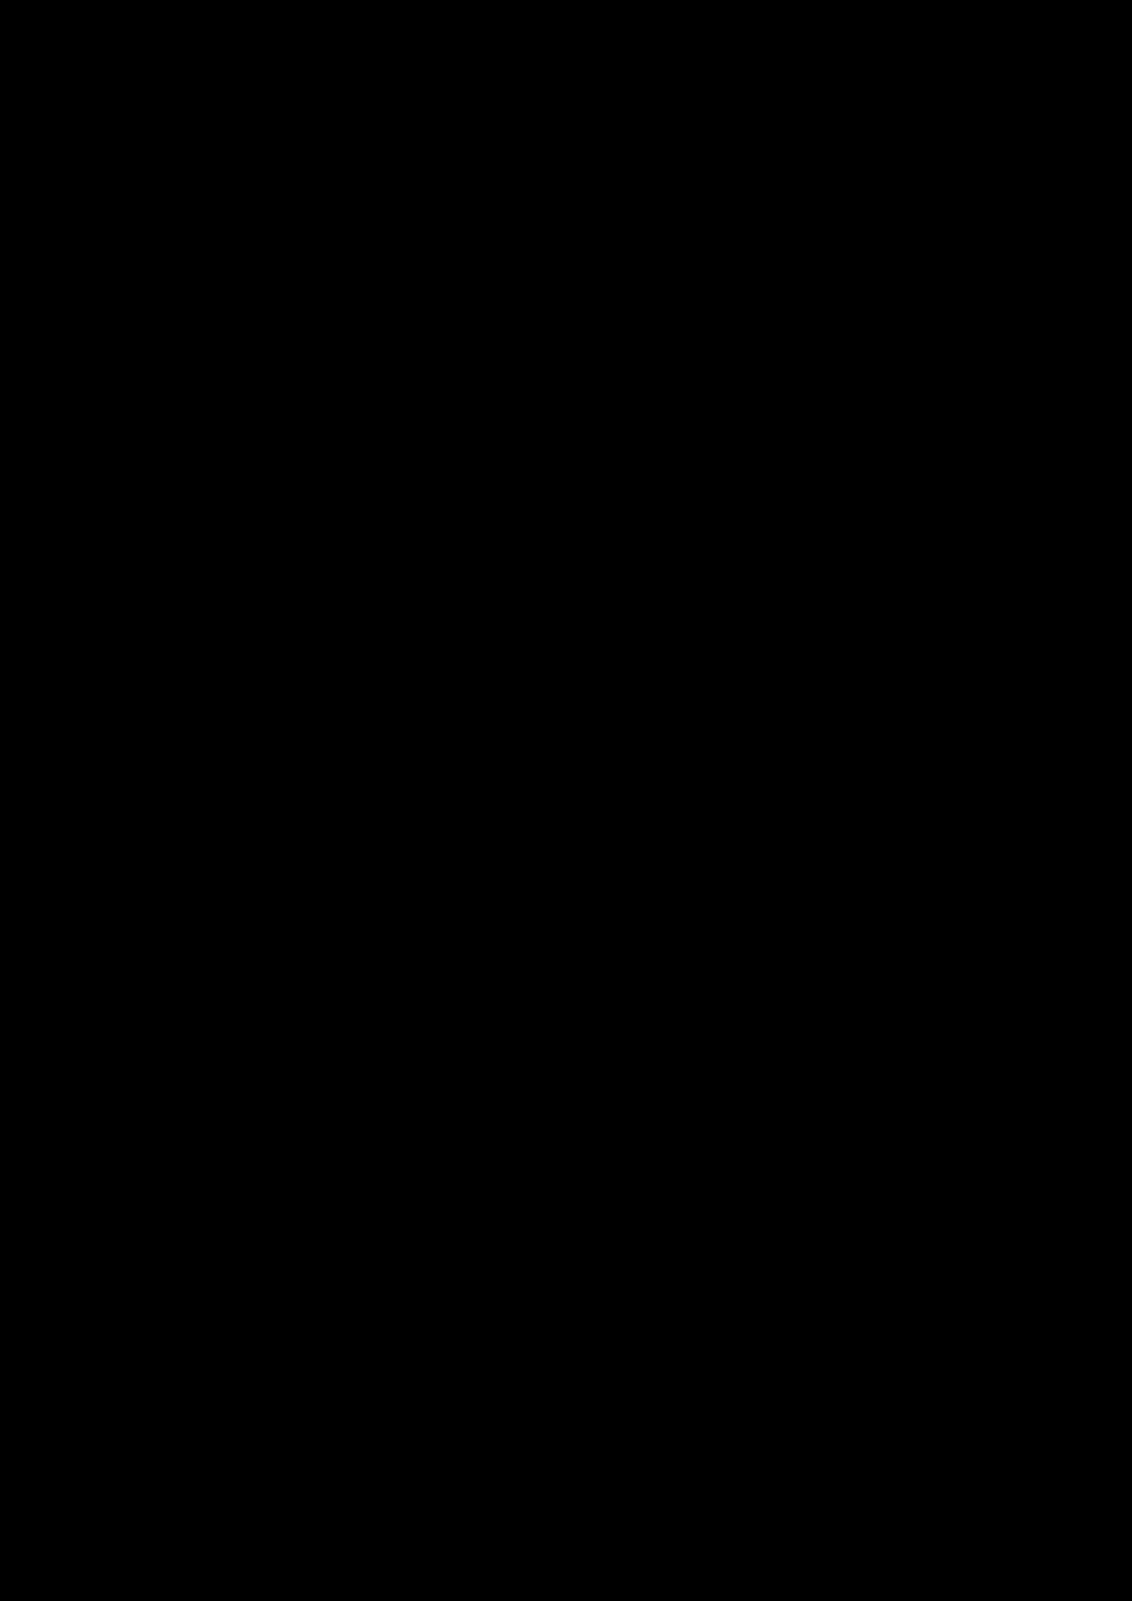 Vyibor Est slide, Image 8